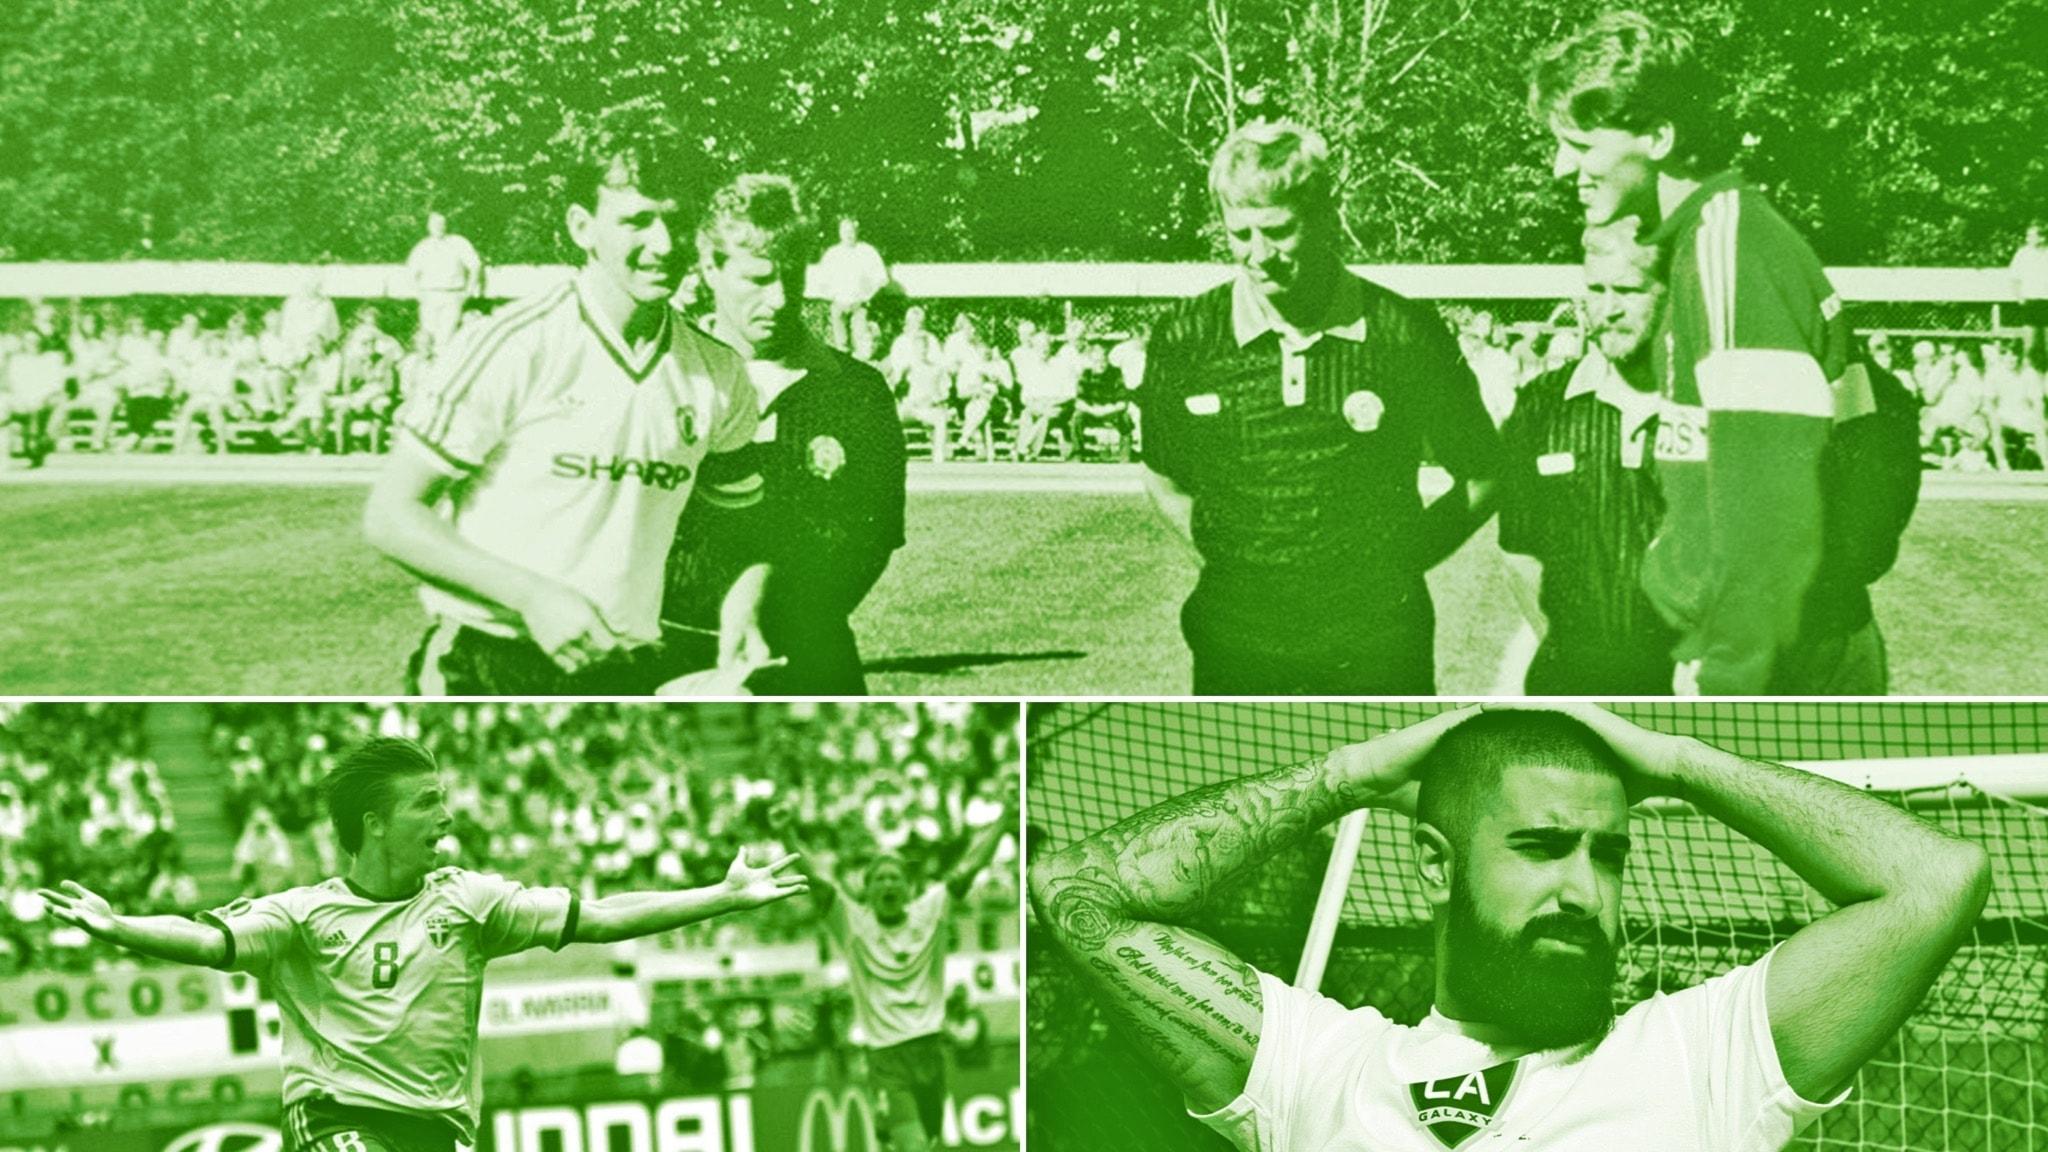 Påskpoddsspecialavsnitt i Fotbollsarena Radiosporten